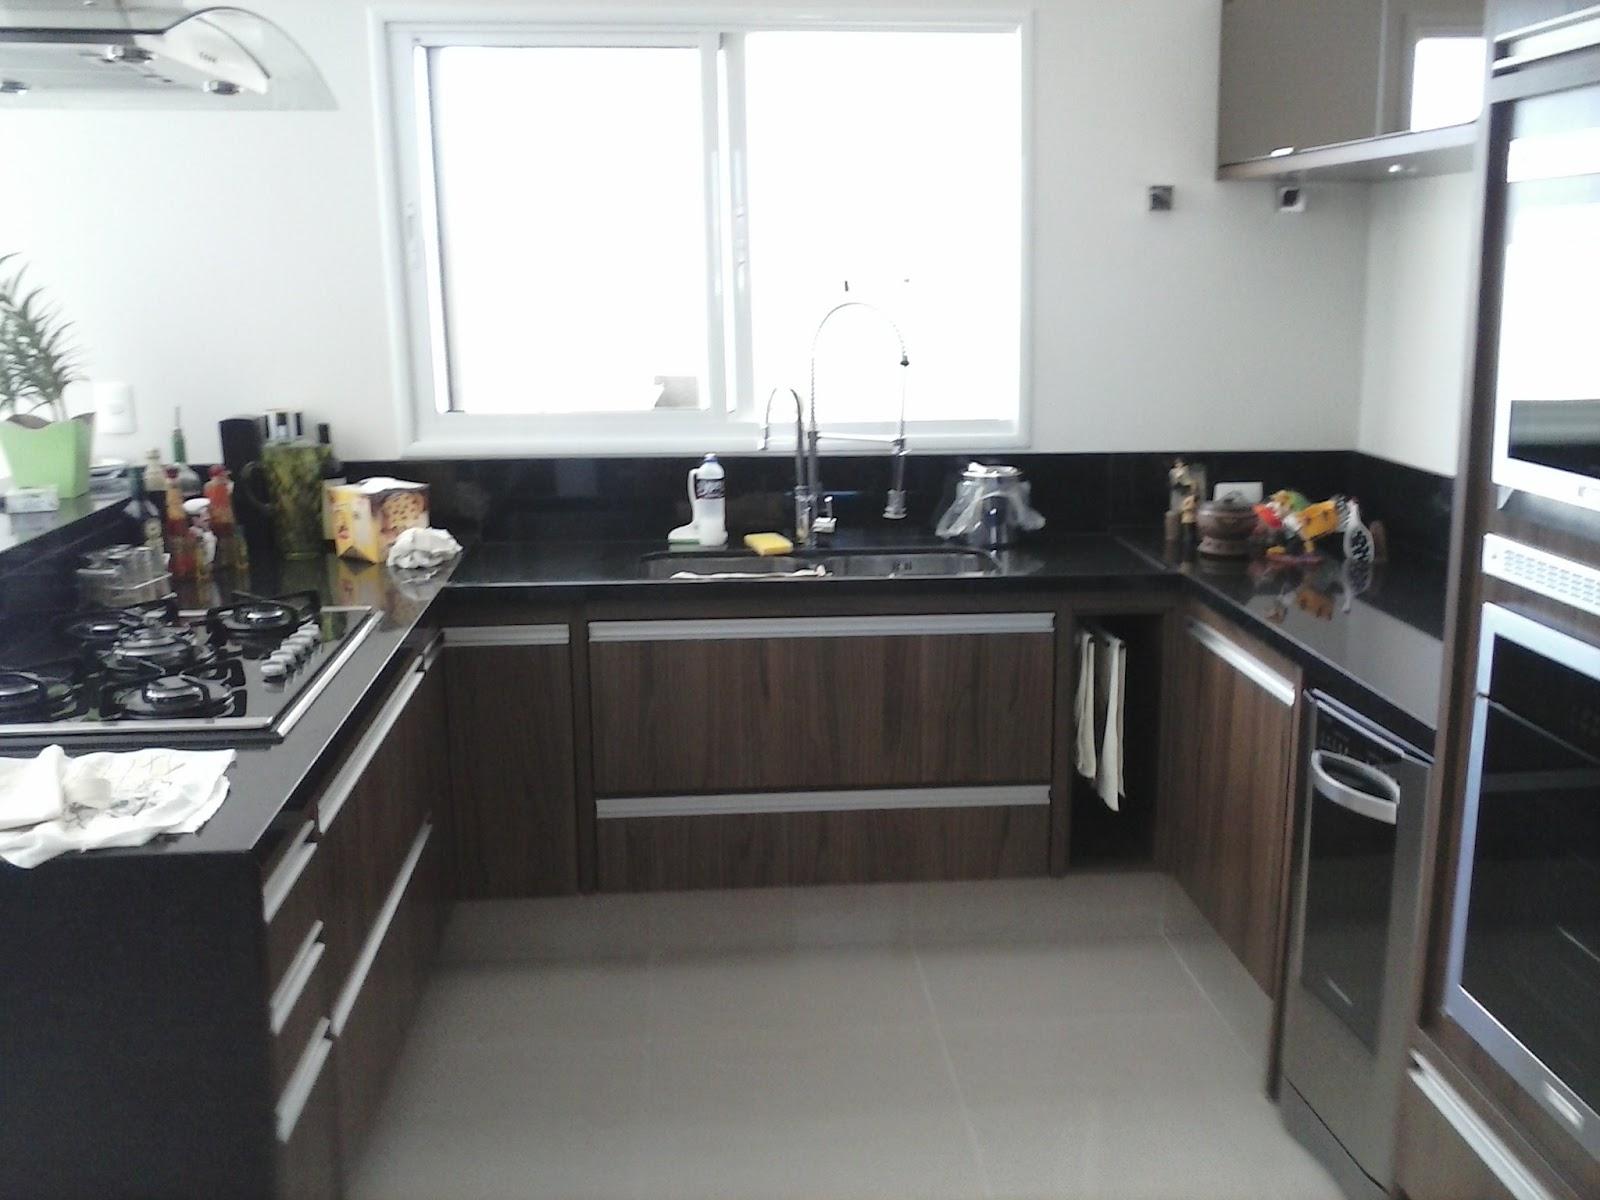 #777C4F Móveis & Design o Bom Gosto em sua casa: cozinha moderna alto padrão 1600x1200 px Cozinha Casa Design_397 Imagens